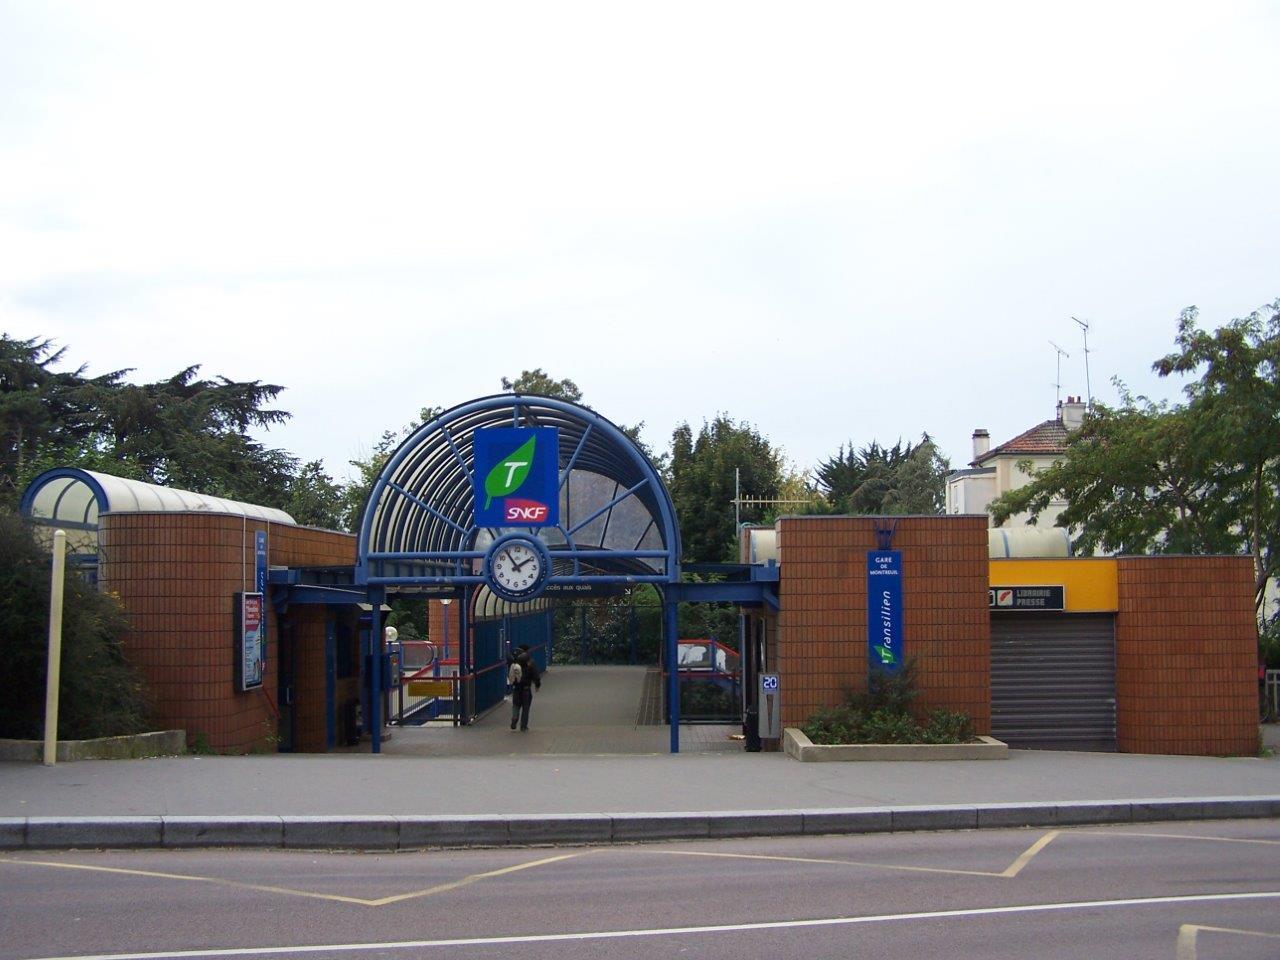 gare-de-montreuil-train-station